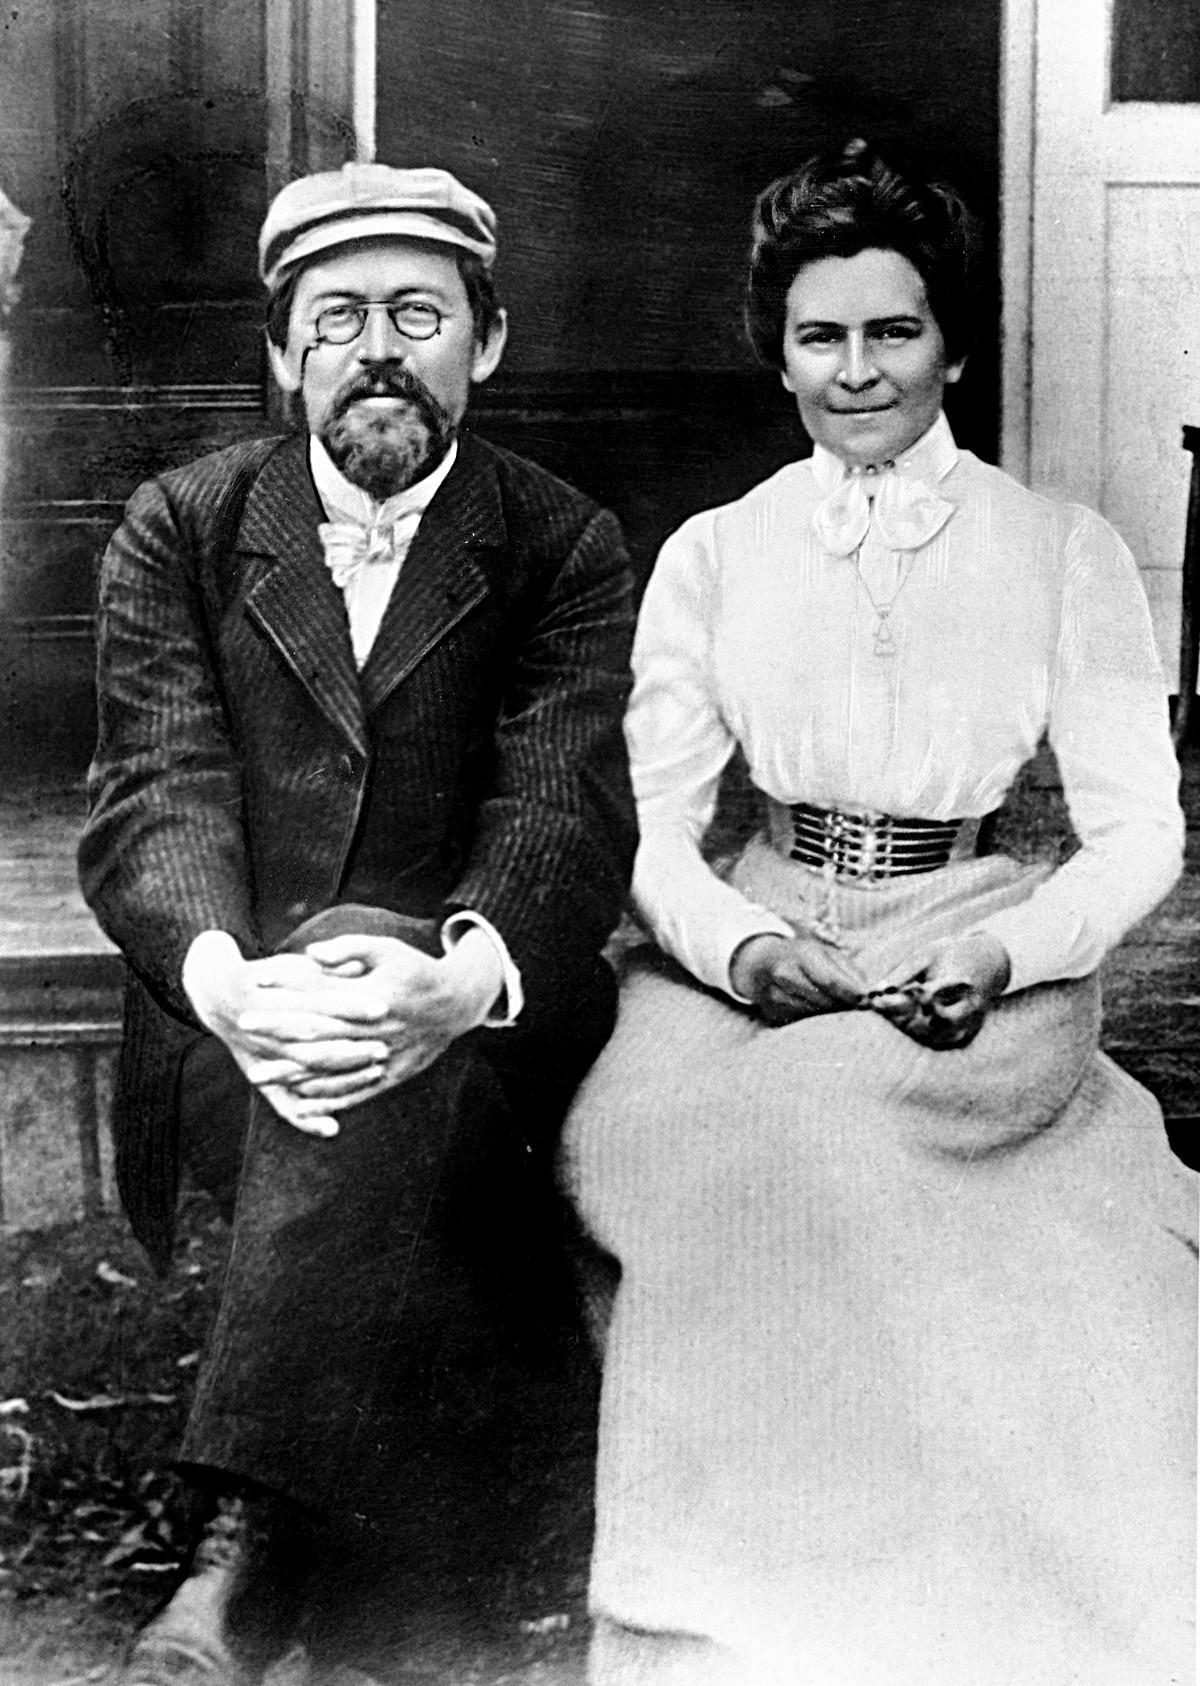 Reprodukcija fotografije pisatelja Antona Čehova in njegove žene, igralke Olge Knipper-Čehove